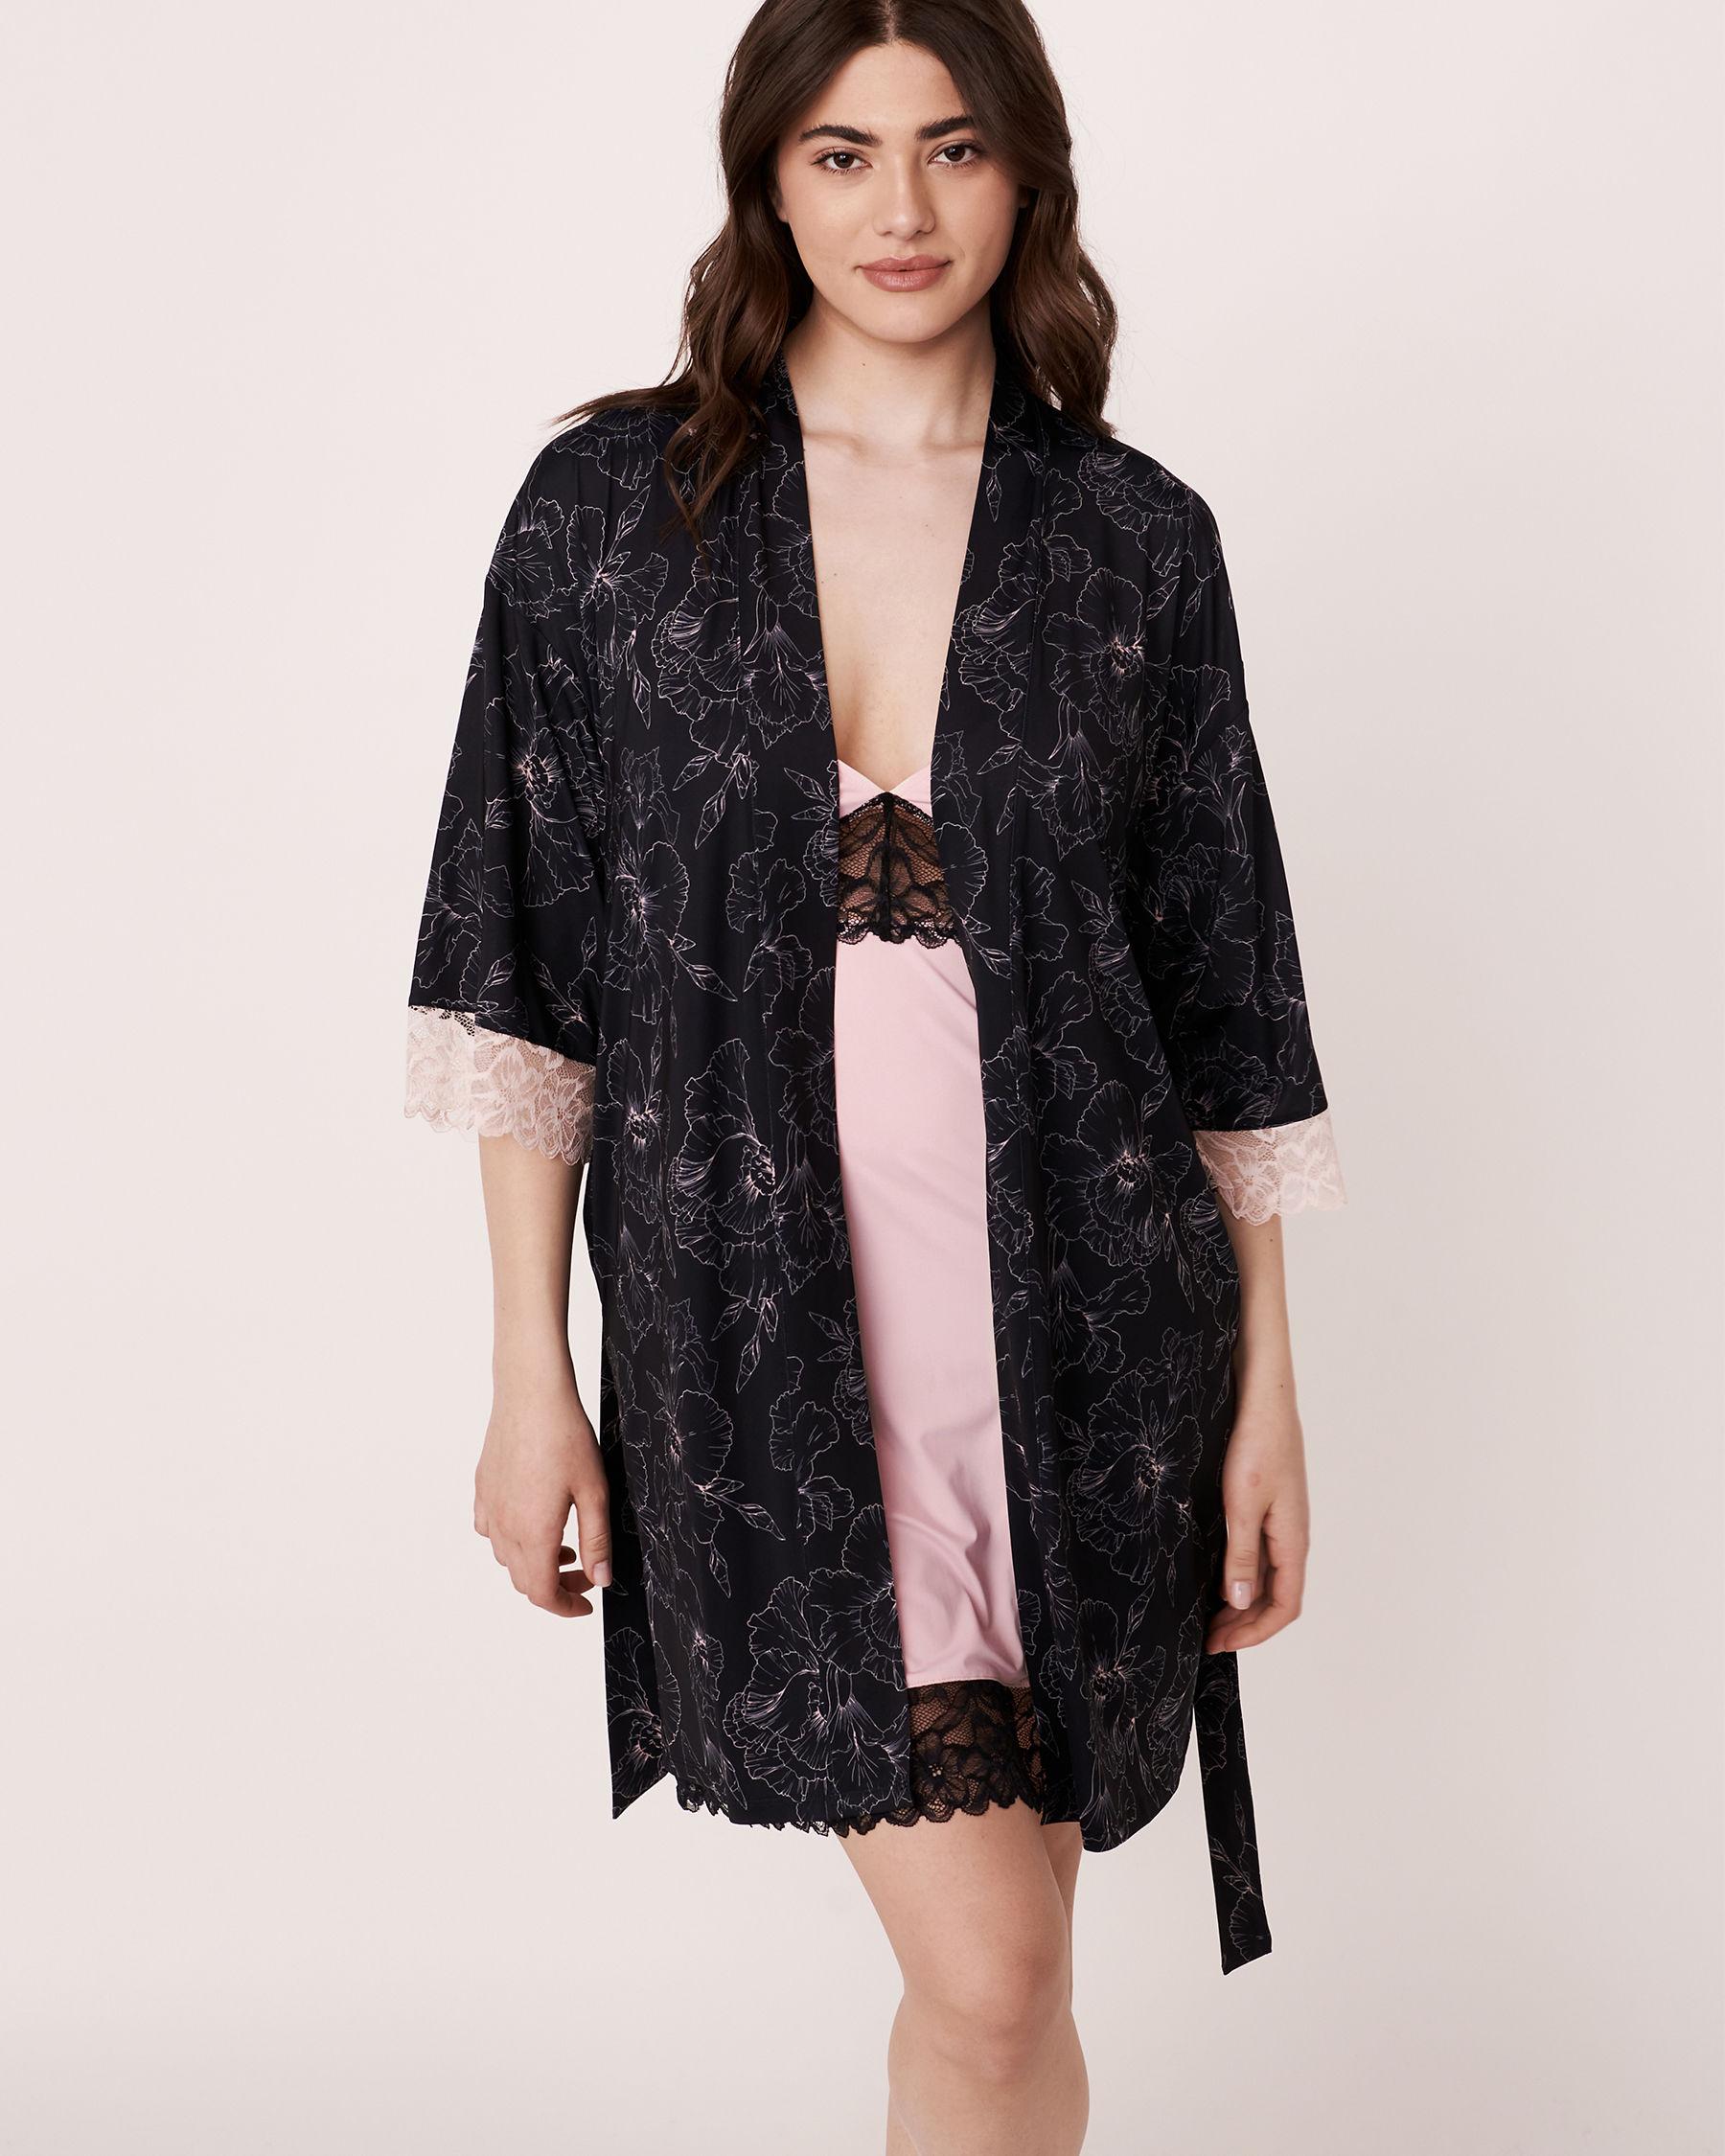 LA VIE EN ROSE Recycled Fibers Lace Trim Kimono Black flower 40600017 - View3